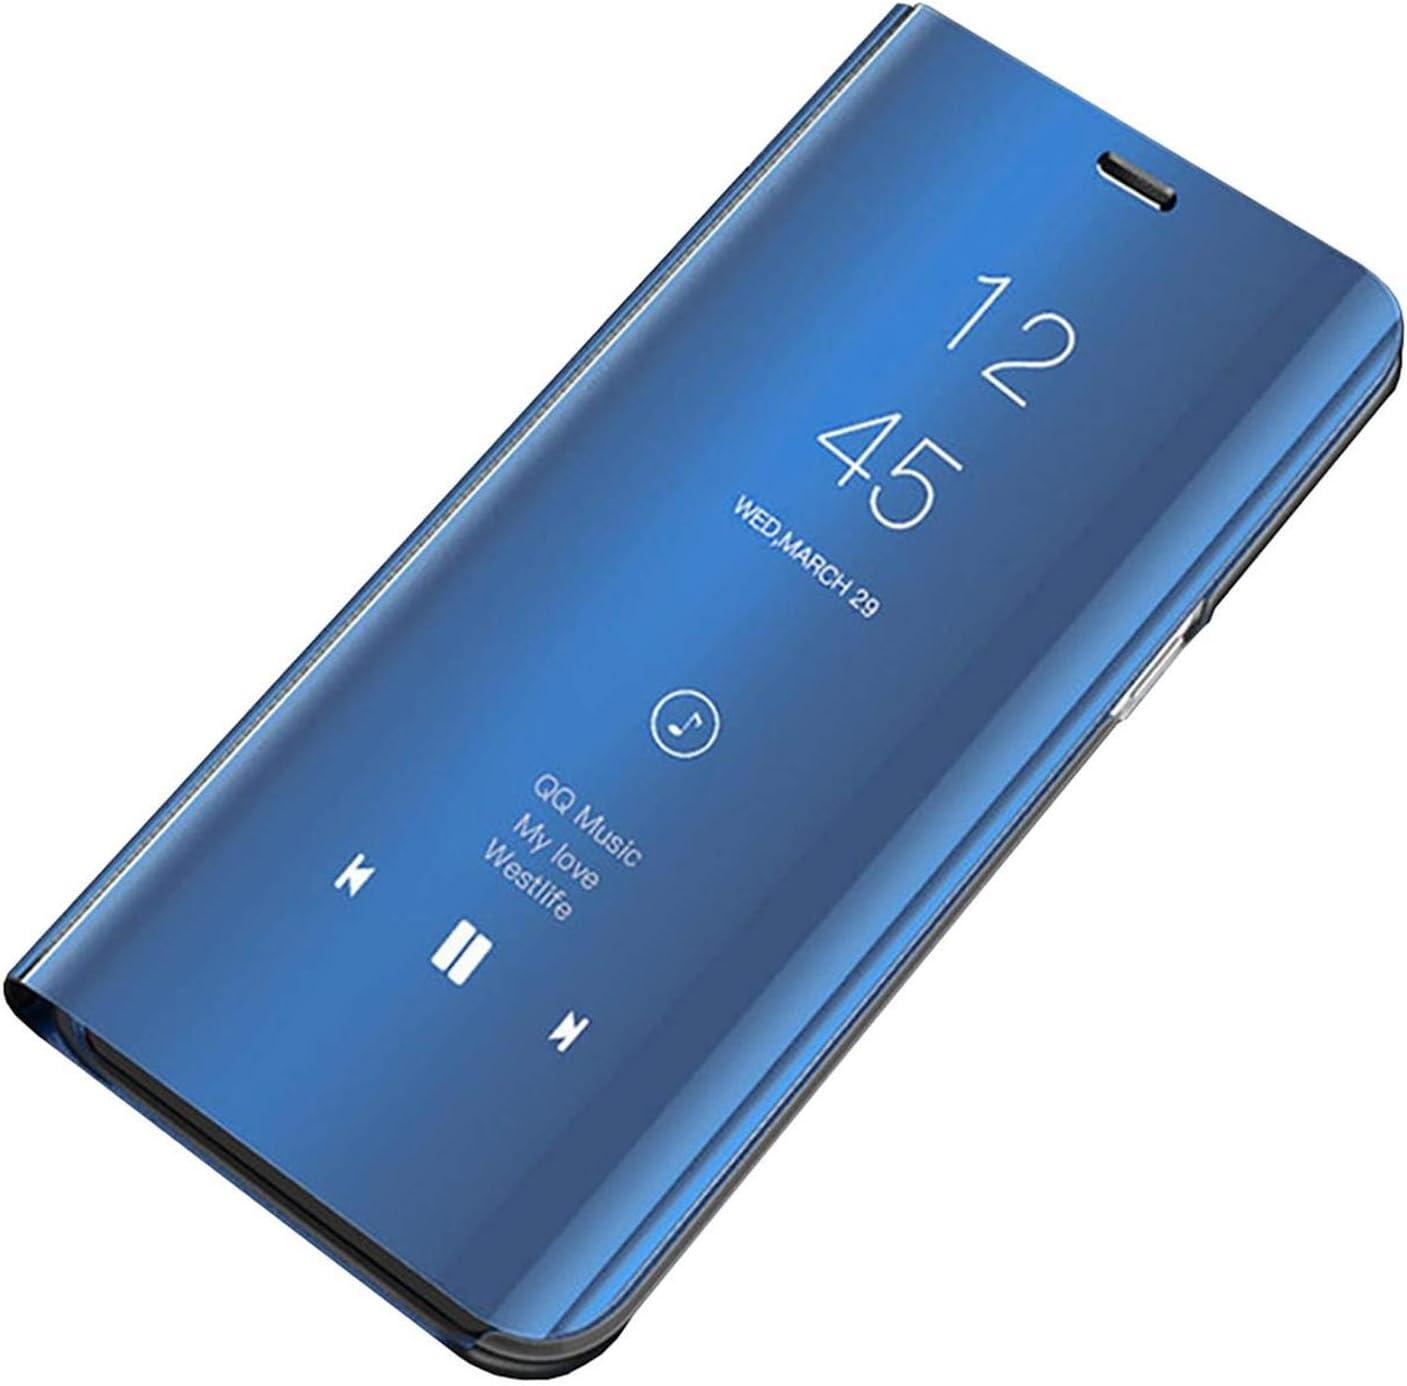 Carcasa Samsung Galaxy S9 Plus Funda Case Mirror Funda Flip Tapa Libro Carcasa Funda de Espejo Flip Caso tirón del Duro Espejo Soporte Teléfono móvil Shell Cover para Galaxy S9 Plus (Azul,